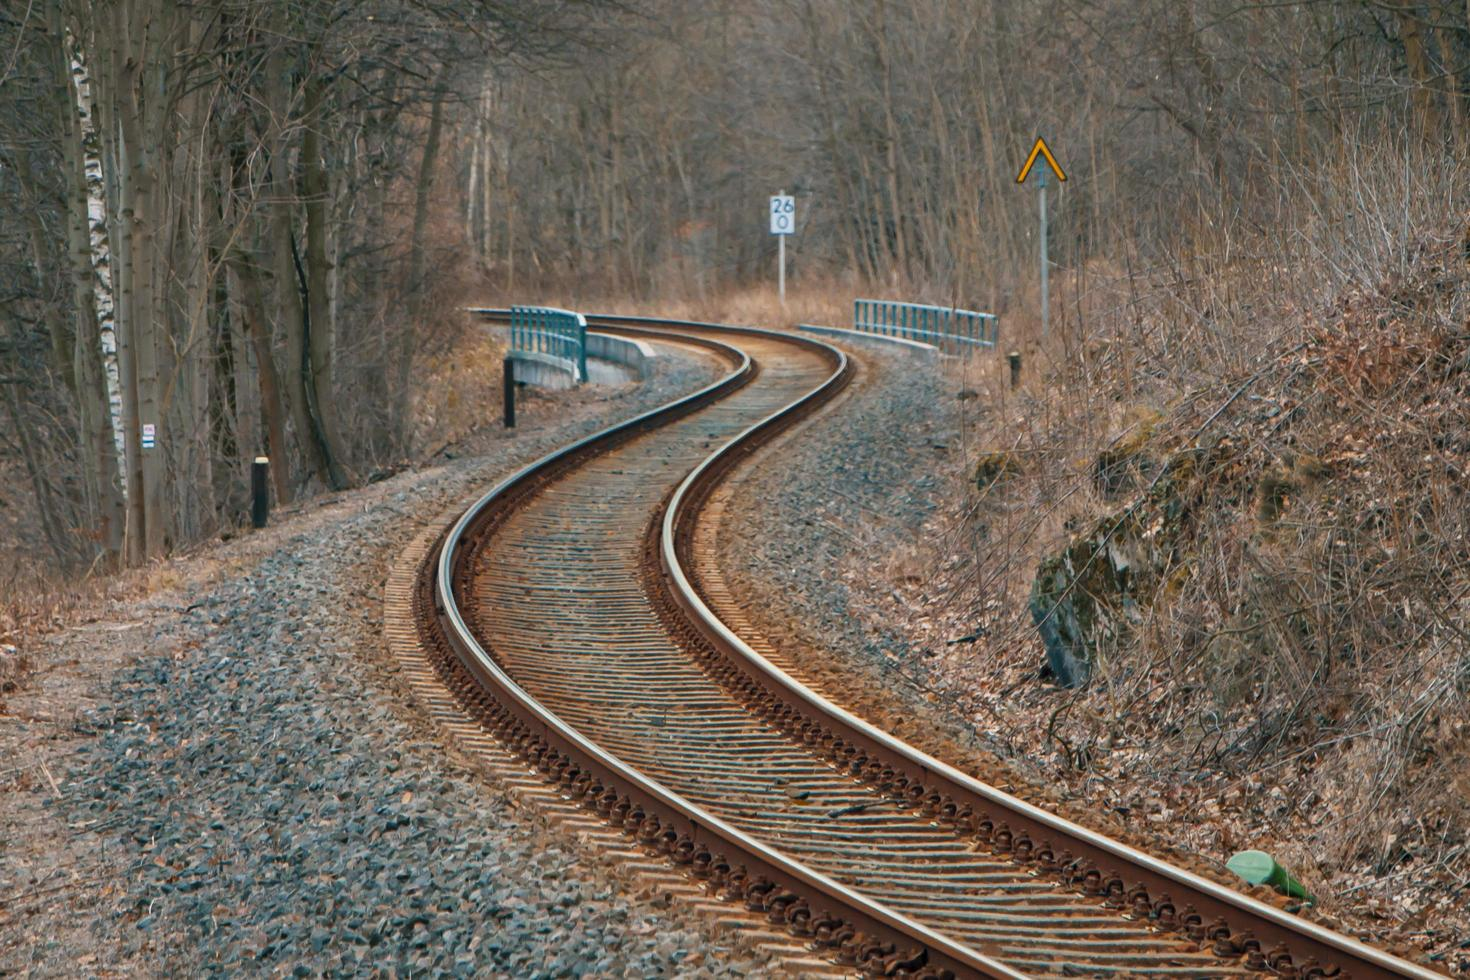 Eisenbahnschienen in einem Wald foto